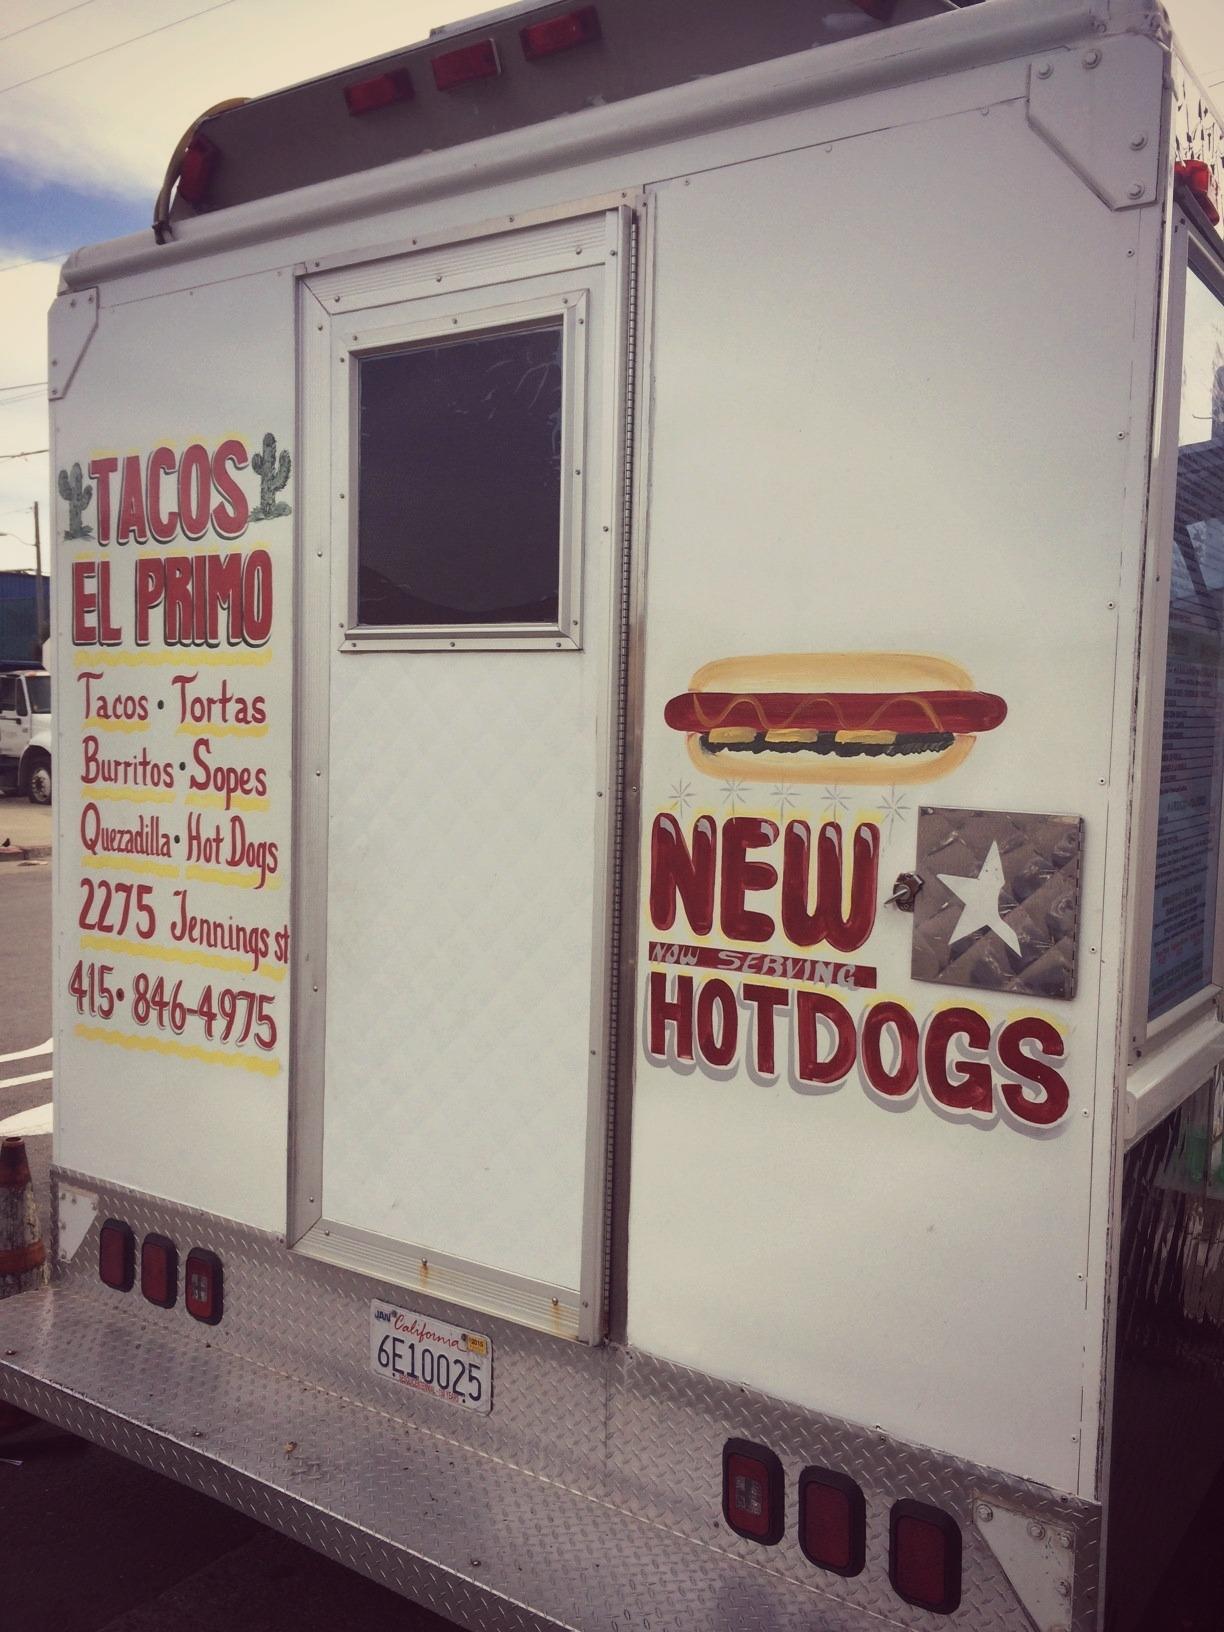 El Primo Taco Truck Bayview San Francisco